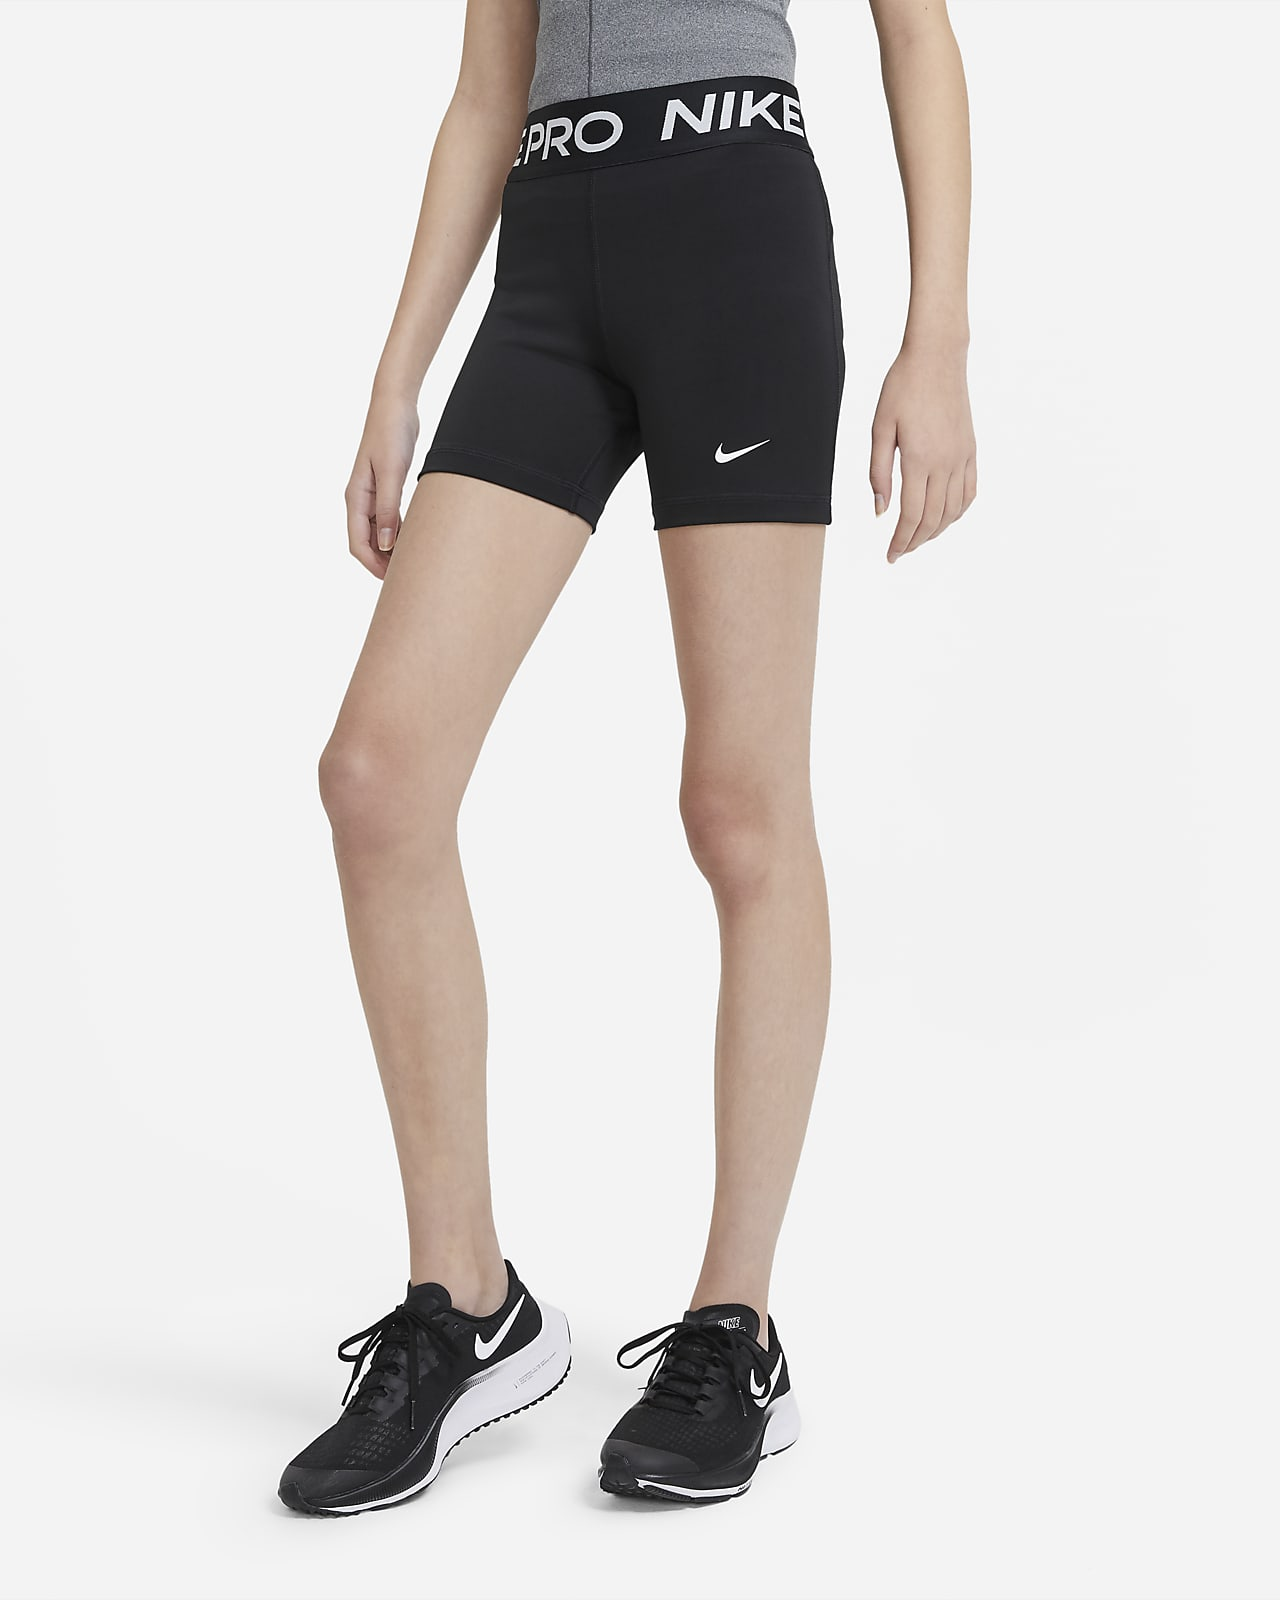 Nike Pro Meisjesshorts